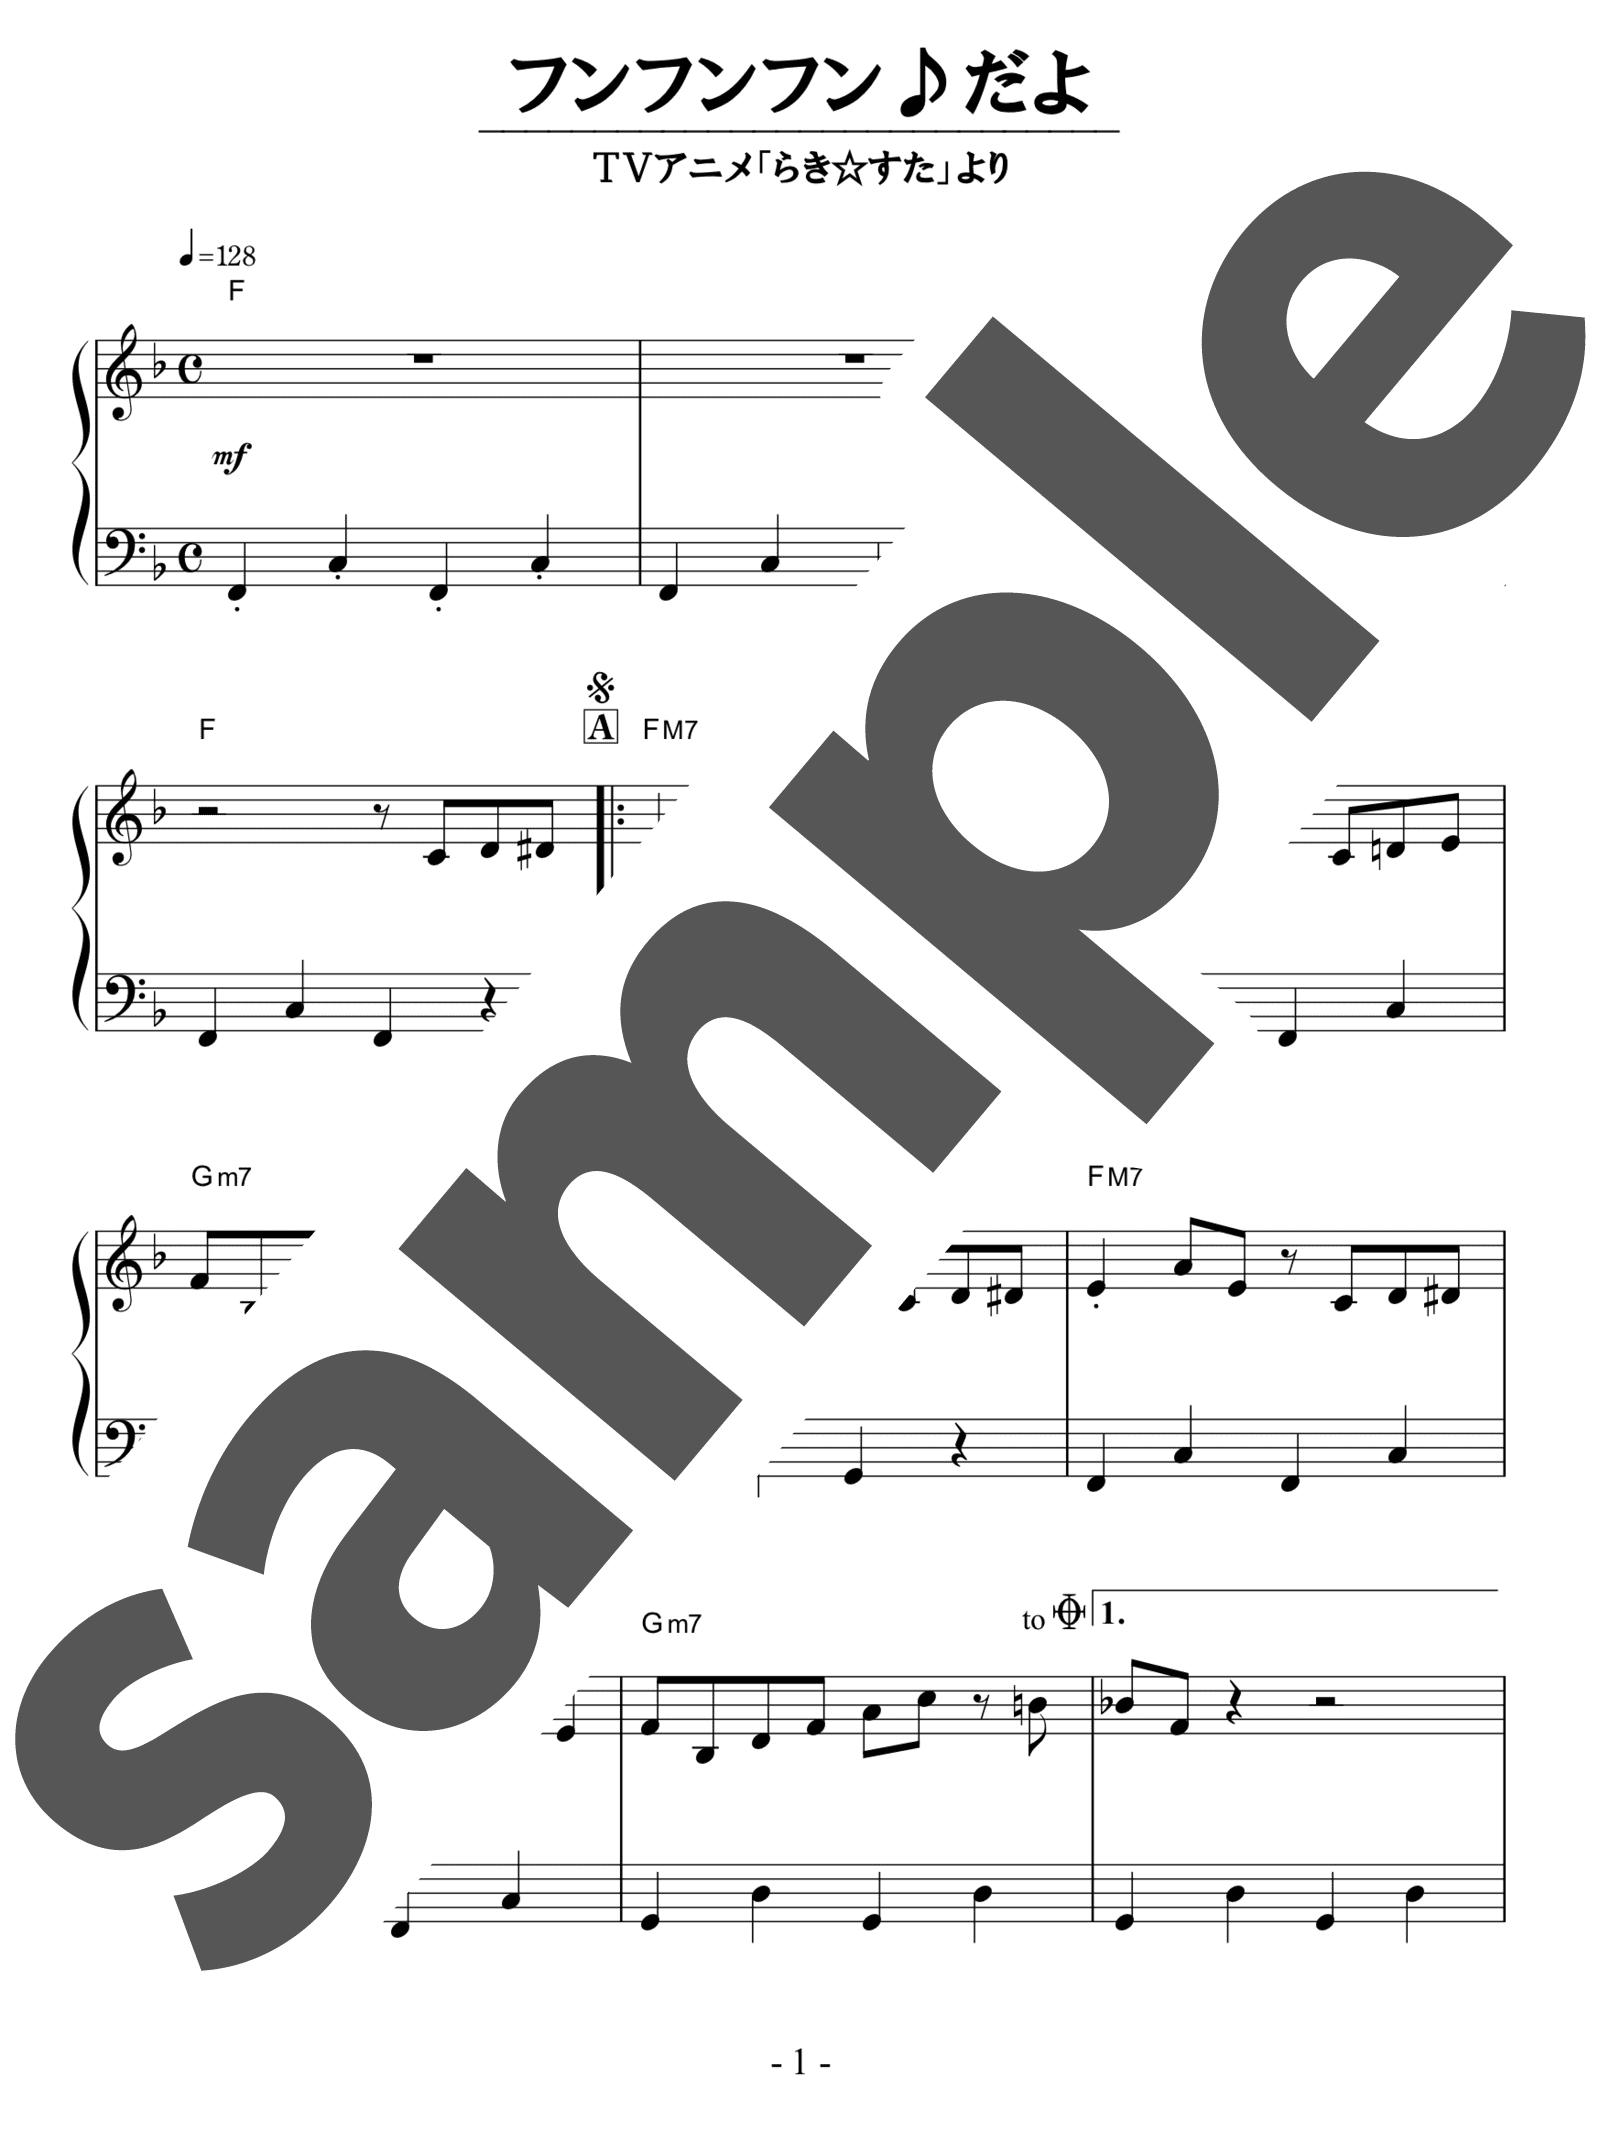 「フンフンフン♪だよ、らき☆すた(らららコッペパン)」のサンプル楽譜